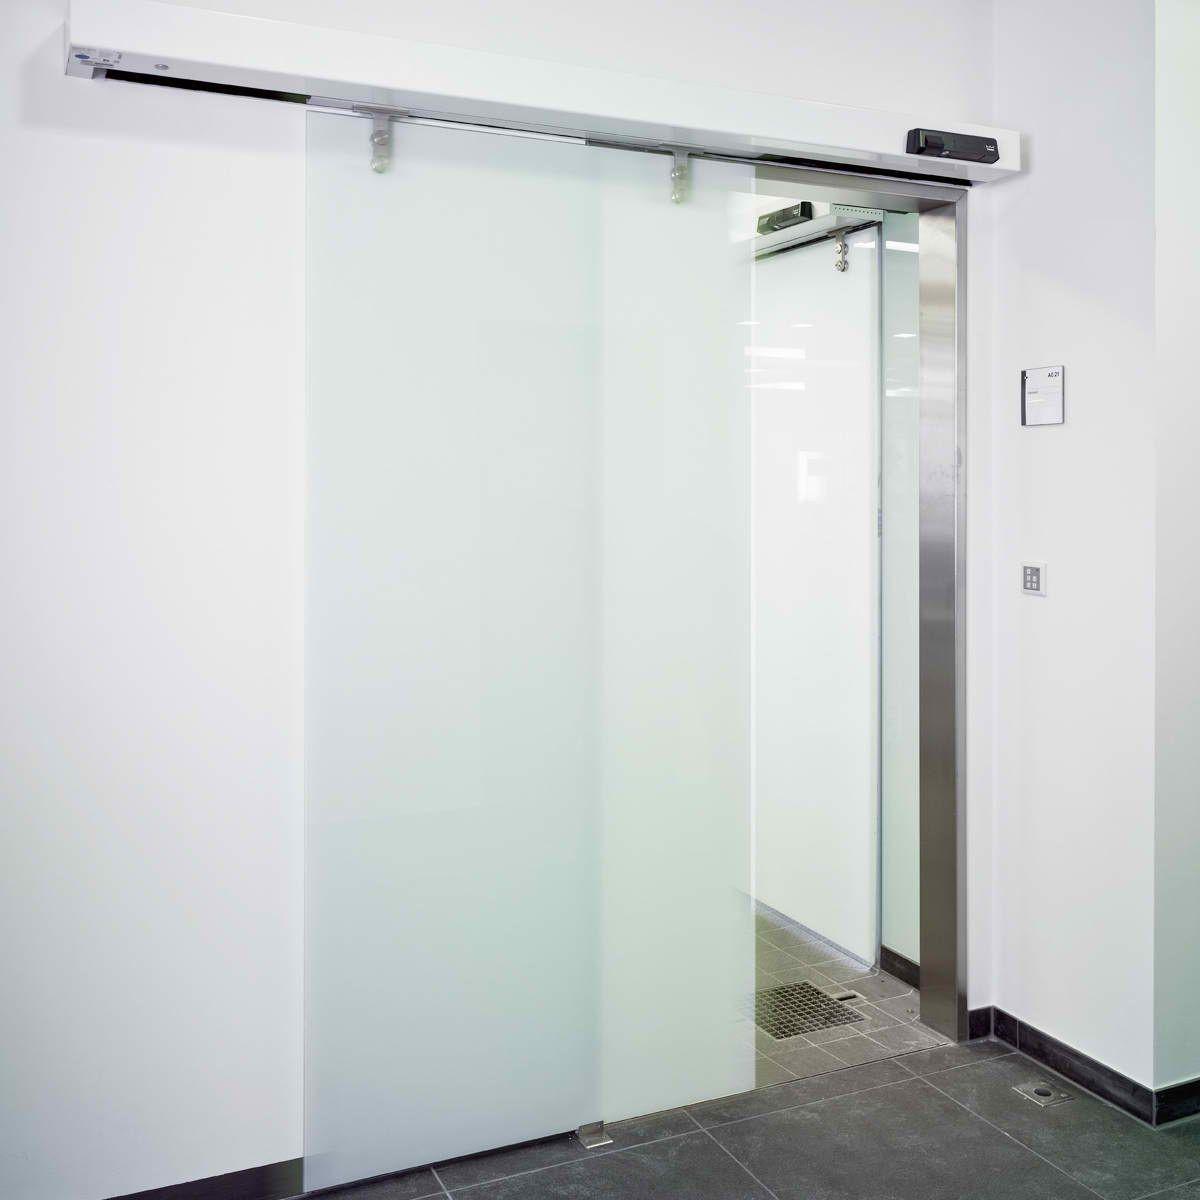 درب اتوماتیک بیمارستانی (درب اتوماتیک شیشه ای دورال در)